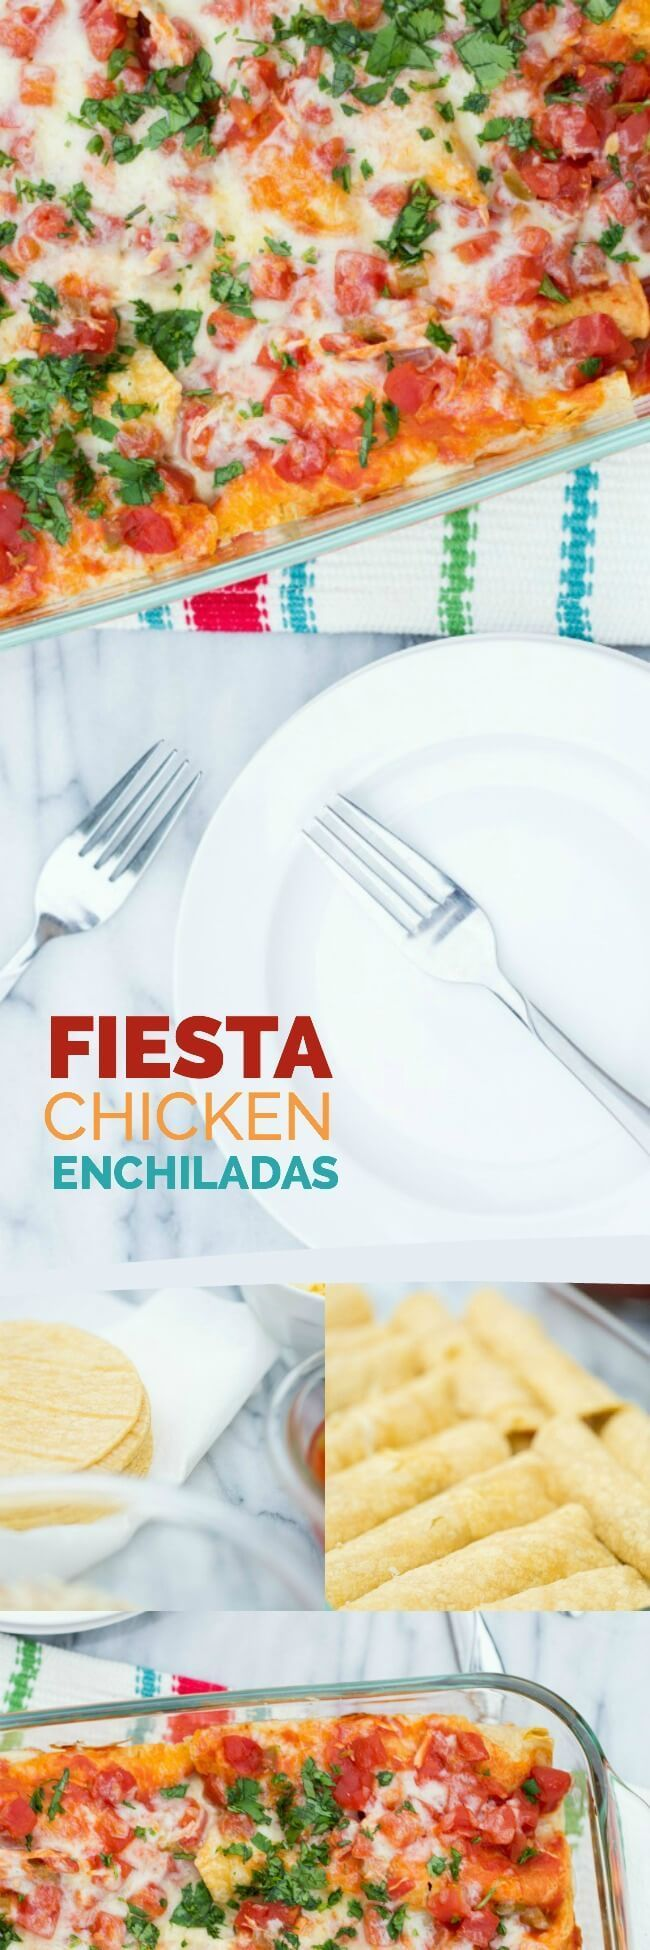 Fiesta Chicken Enchiladas Recipe #MyBestMeal @Publix (ad)